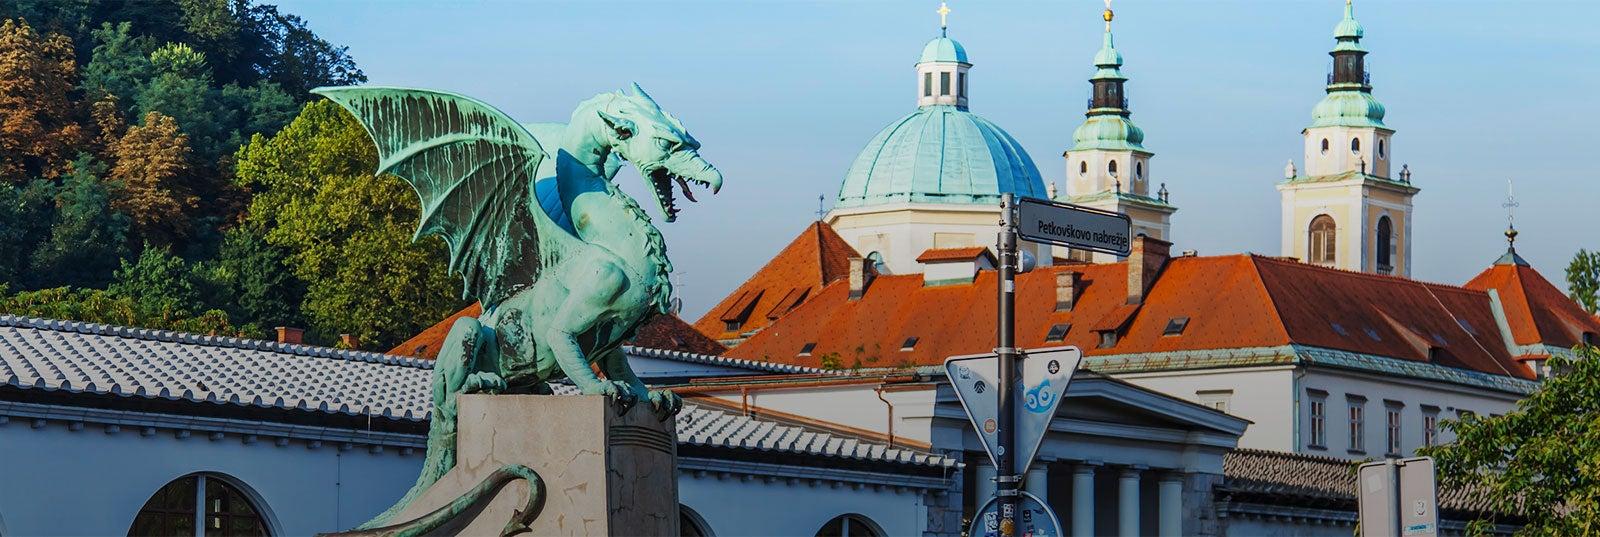 Guía turística de Liubliana